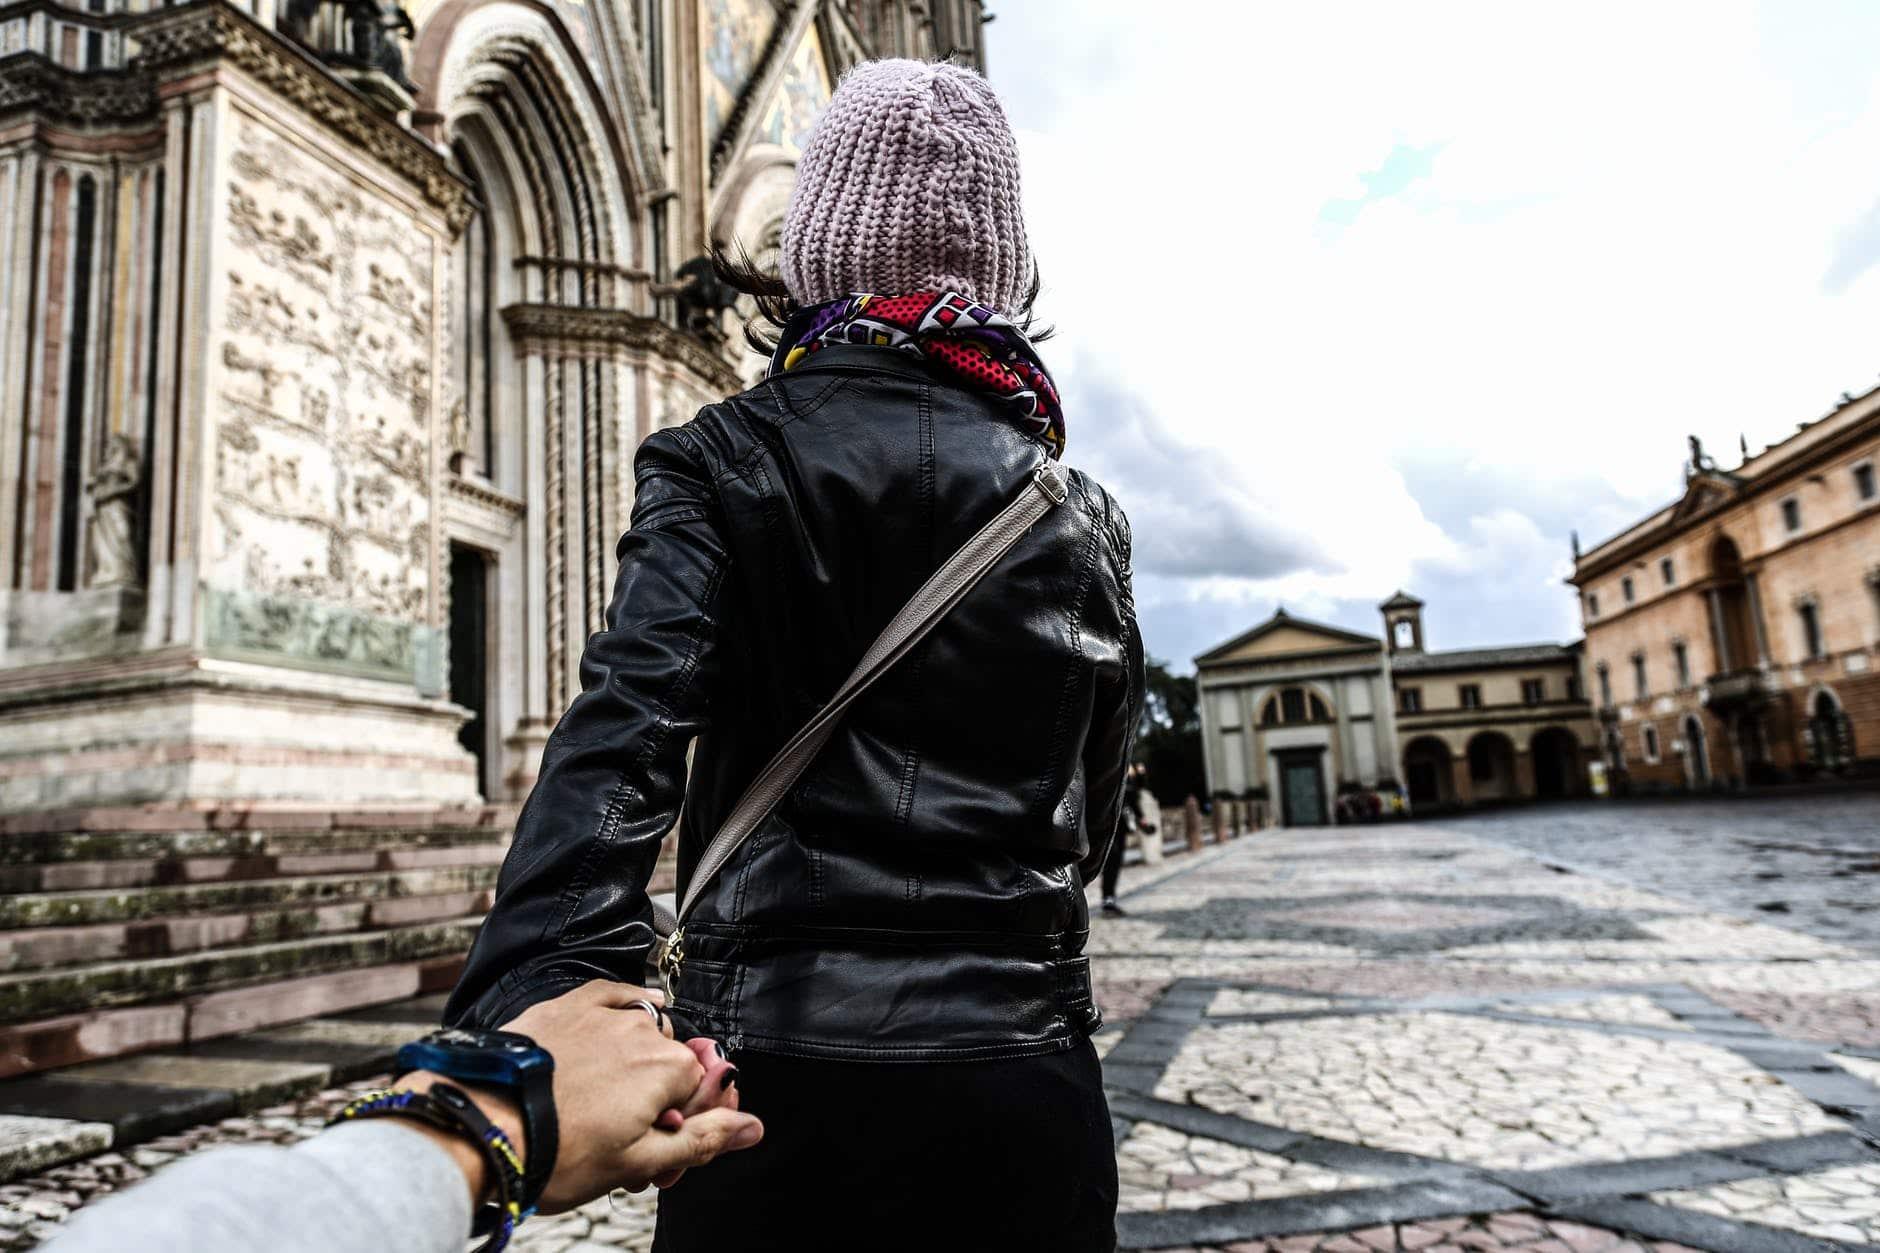 Weil meine Worte zu Instagram zu ausführlich geworden sind, gibt es dazu einen separaten Blogpost.Der Instagram-Lifestyle Check (#Fake versus #Realität). Ist die Welt mehr Schein als Sein oder was steckt tatsächlich hinter zahlreichen Profilen auf #Instagram? Ist es möglich rund um die Uhr einen Traum-#Lifestyle zu führen, mit dem perfekten Partner an der Seite, luxuriösen Reisen und Klamotten, dem perfekten Body und der Bilderbuch-Familie?